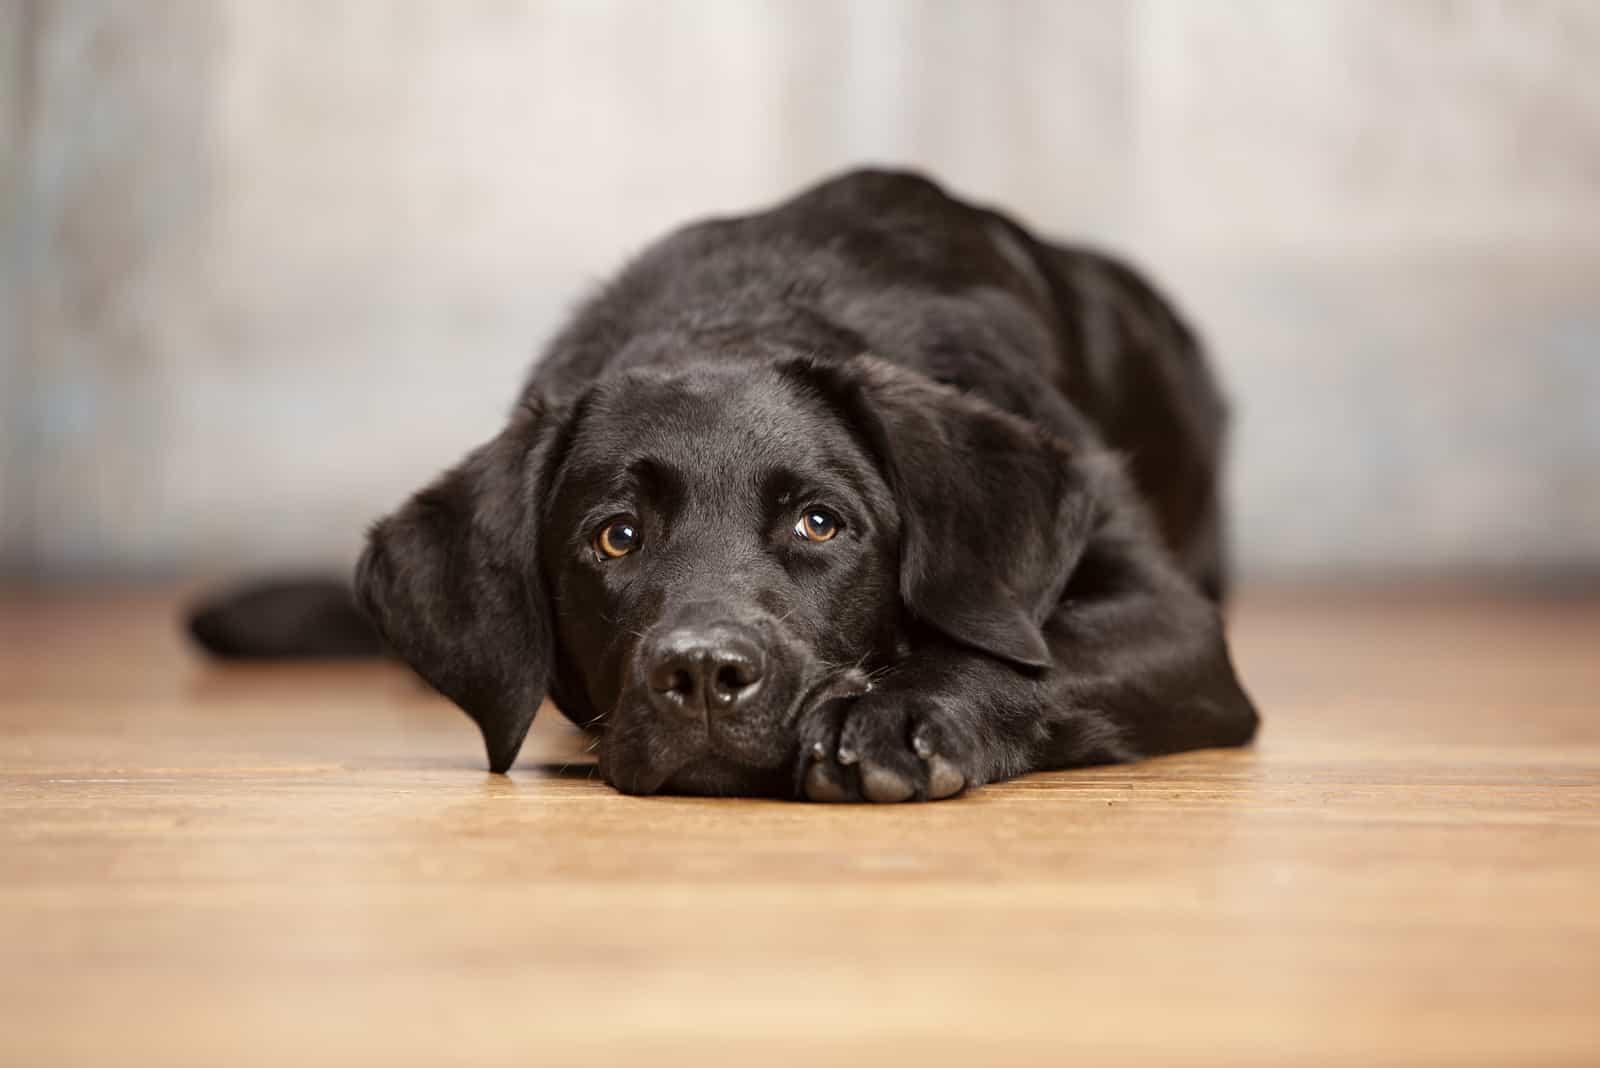 schwarzer Hund, der auf einem Holzboden liegt